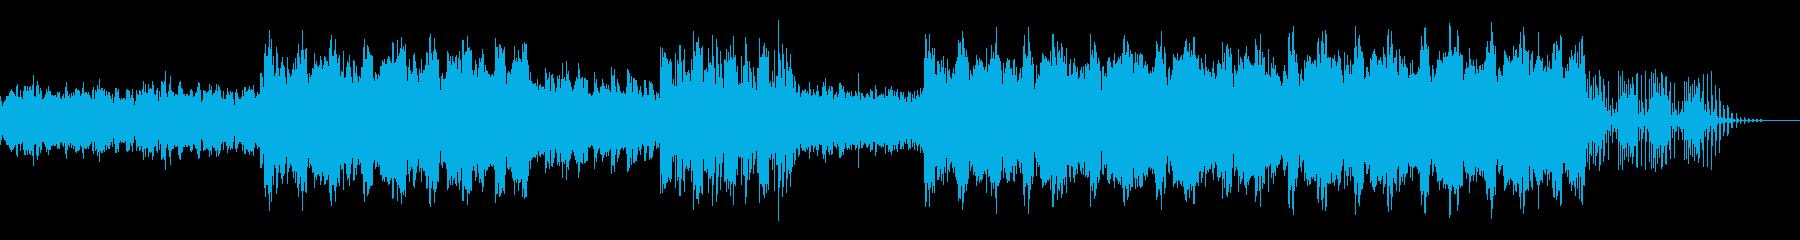 ミステリアスな雰囲気のエレクトロサウンドの再生済みの波形